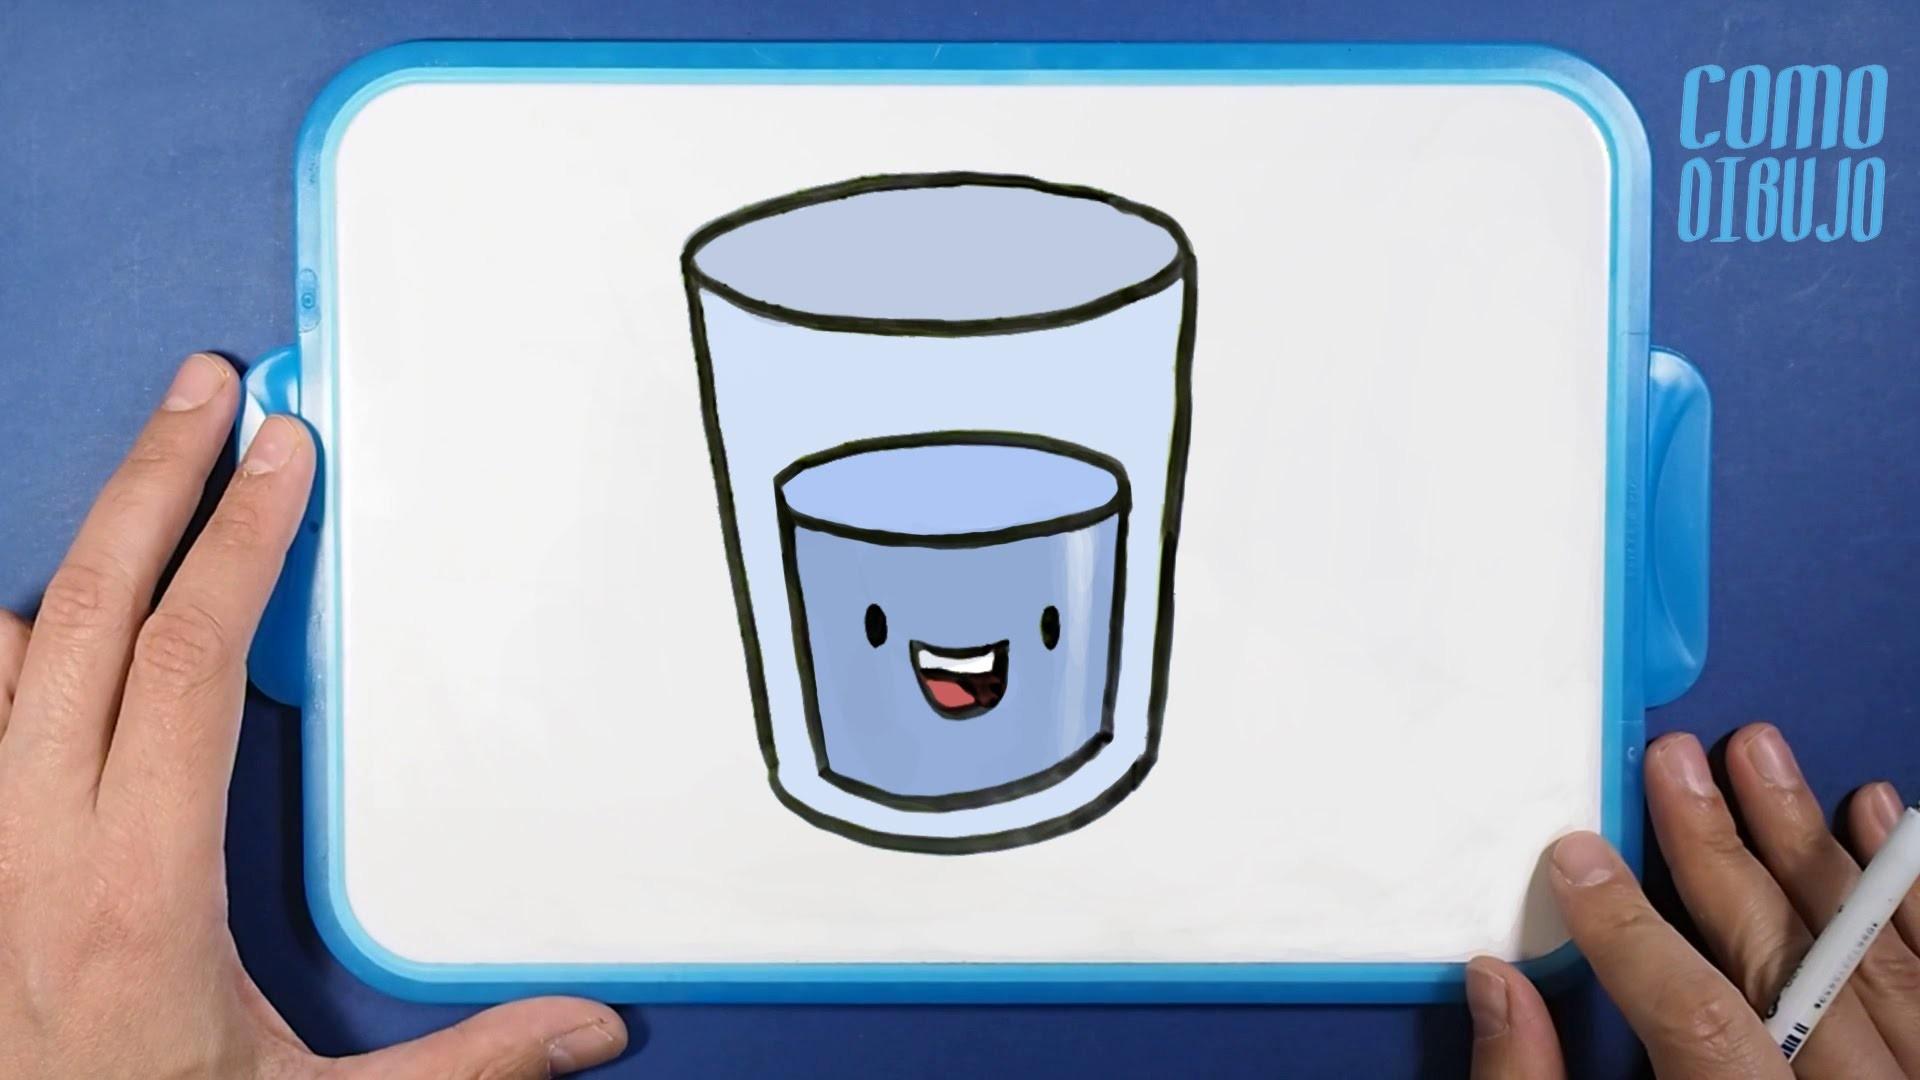 Cómo Dibujo un Vaso de Agua paso a paso | How to Draw a Cup of Water | Dibujar Kawaii es Fácil